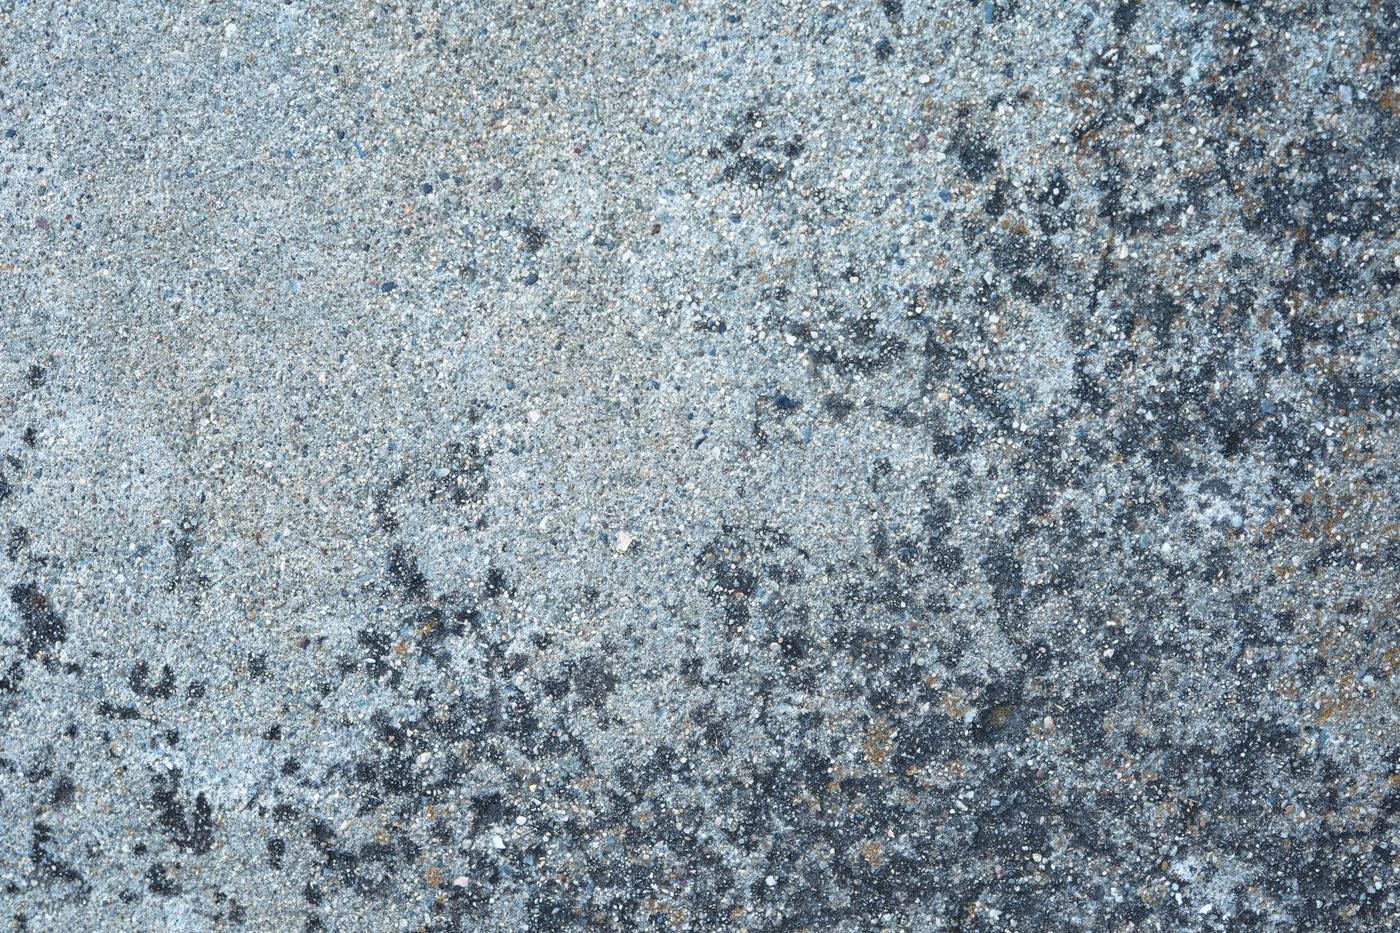 Gray Cement Wall: Stock Photos